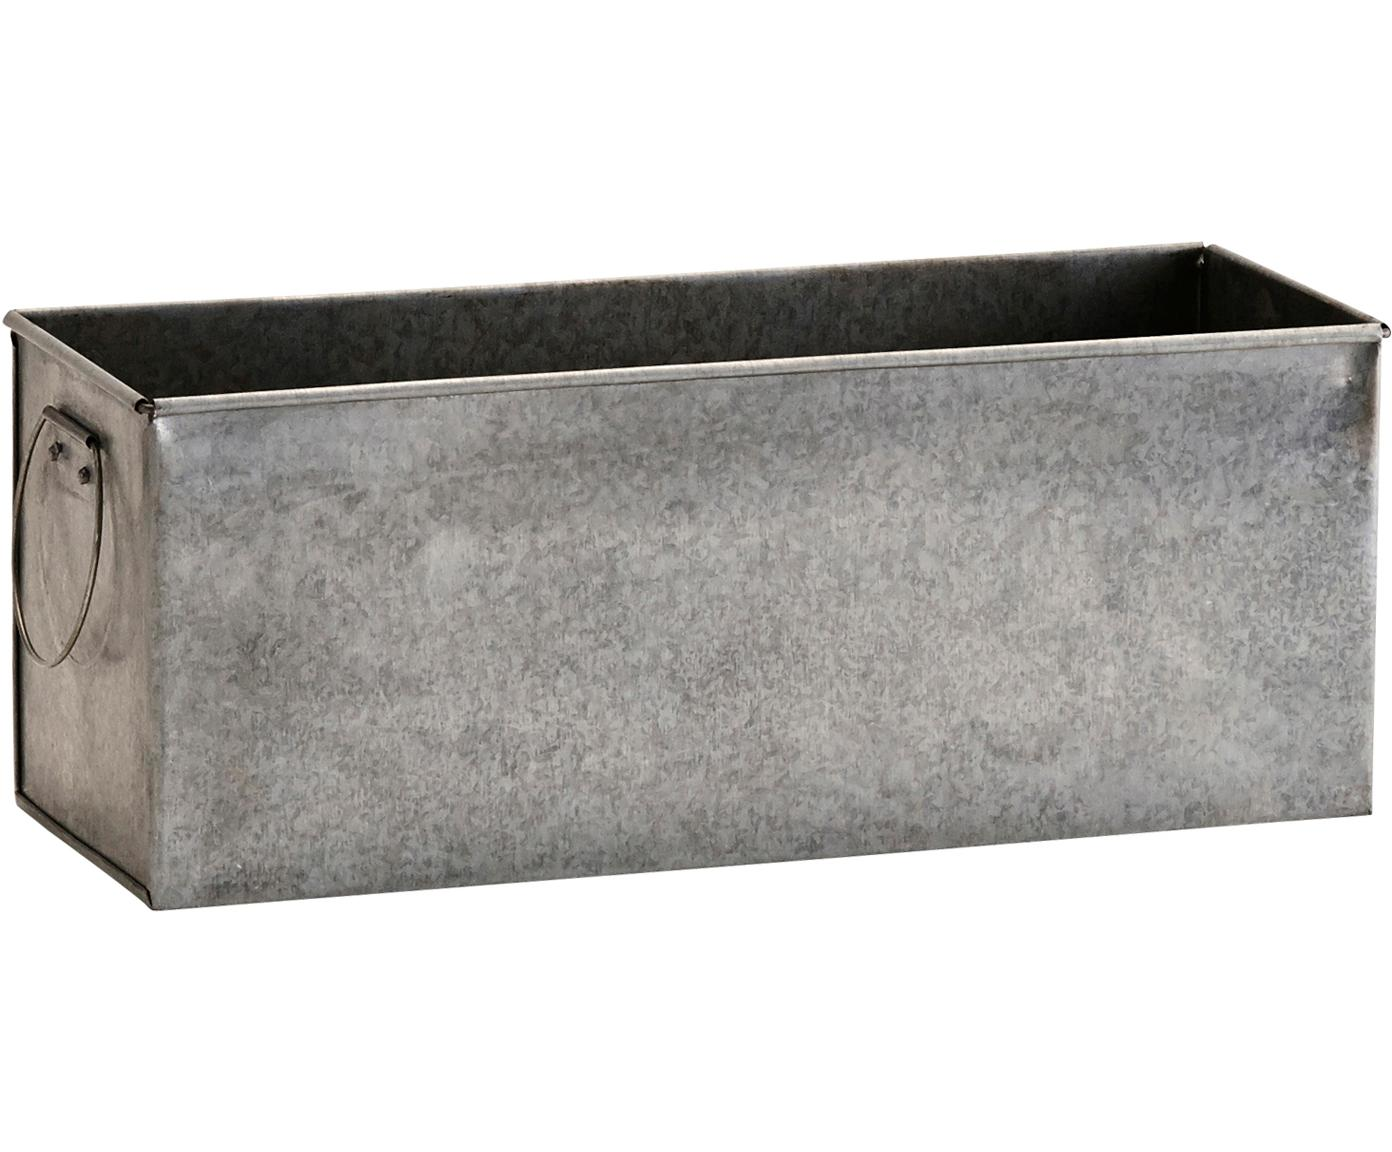 Osłonka na doniczkę Zintly, Metal ocynkowany, Cynk, S 29 x W 11 cm